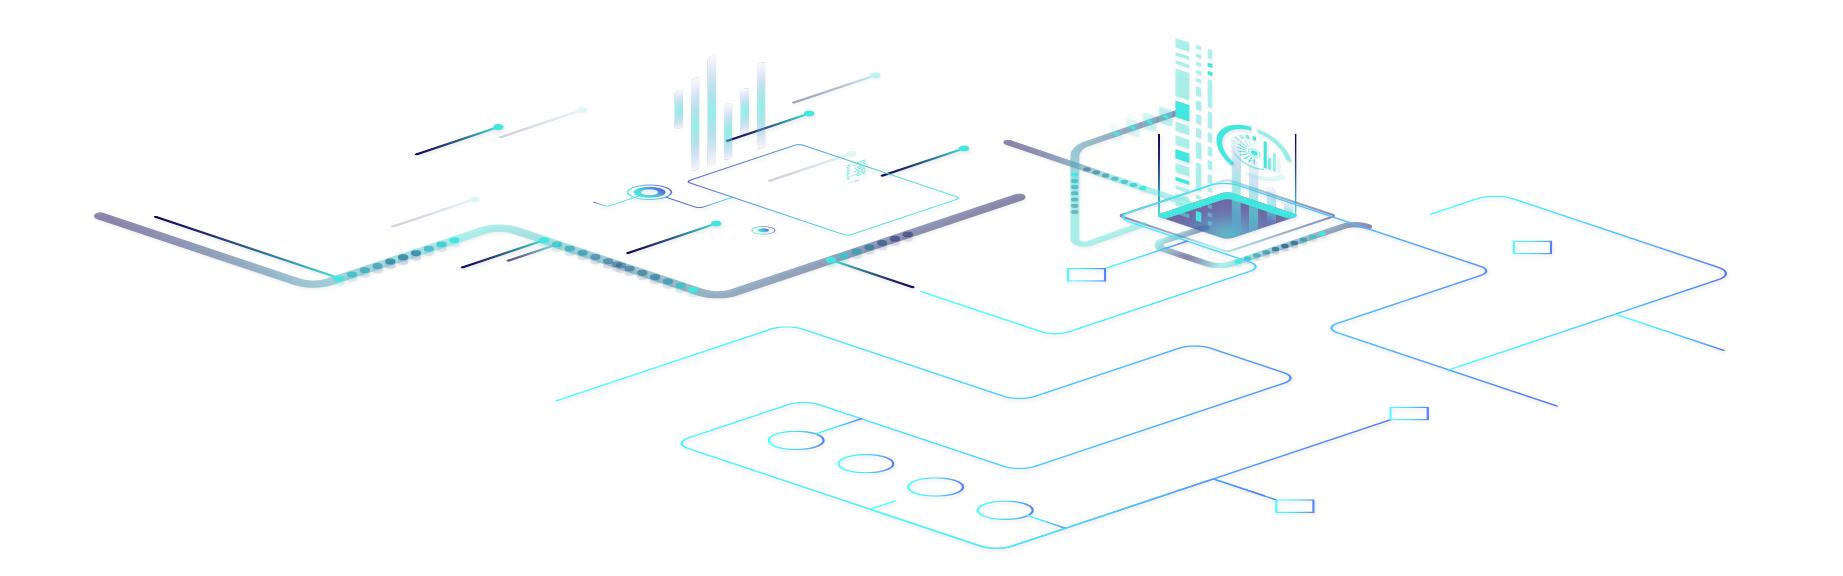 desarrollo de sistemas para la gestión de redes y cableado de fibra óptica